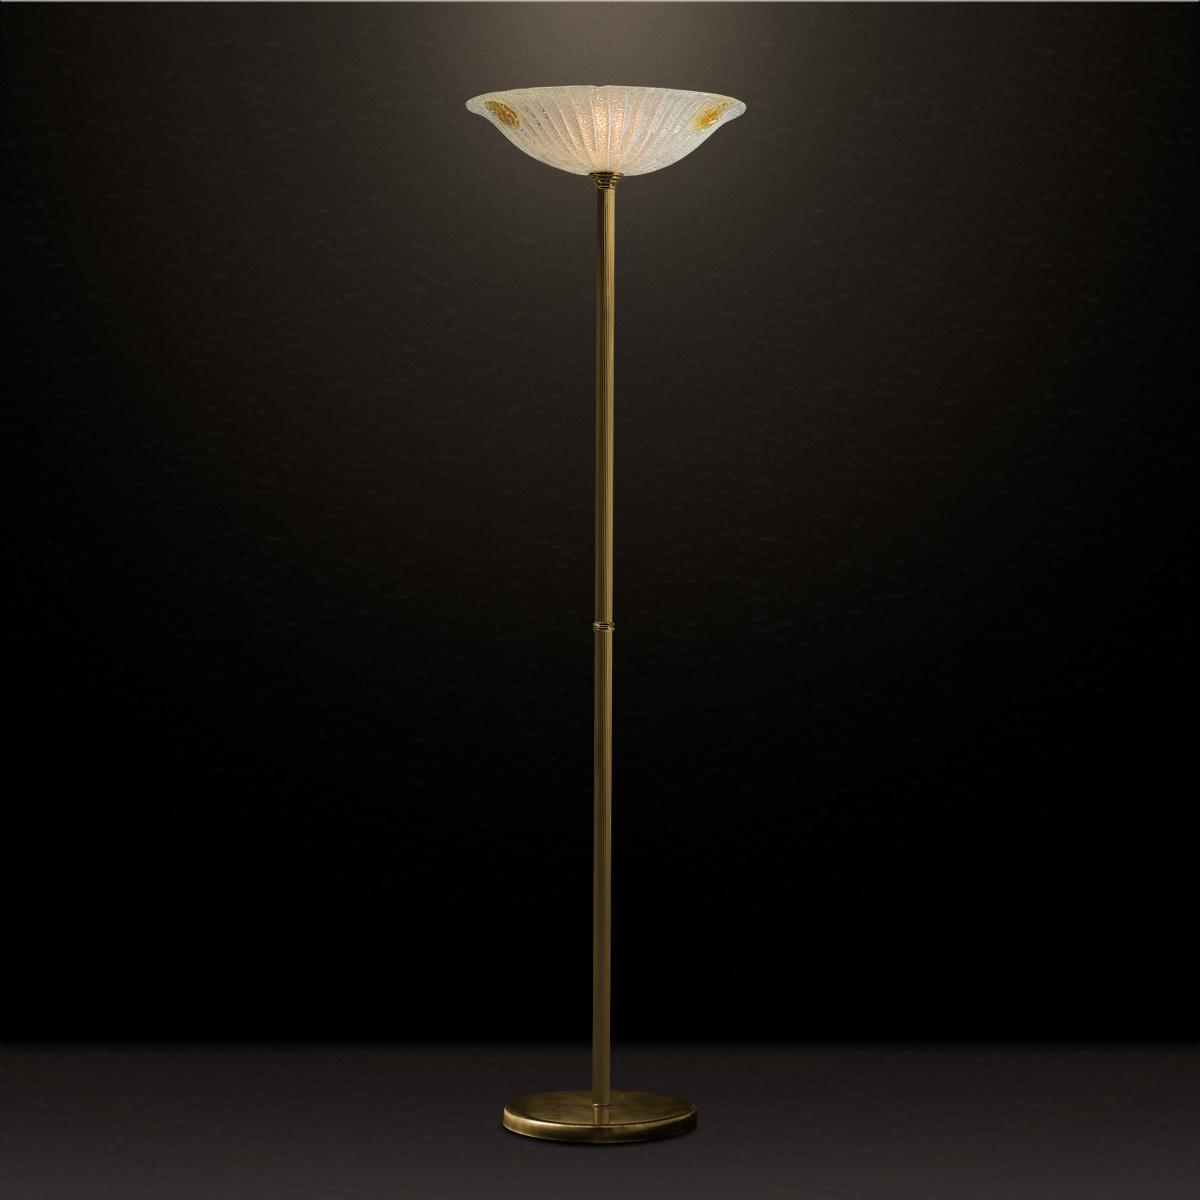 Μπρούτζινο επιδαπέδιο φωτιστικό ΦΥΛΛΟ brass floor lamp